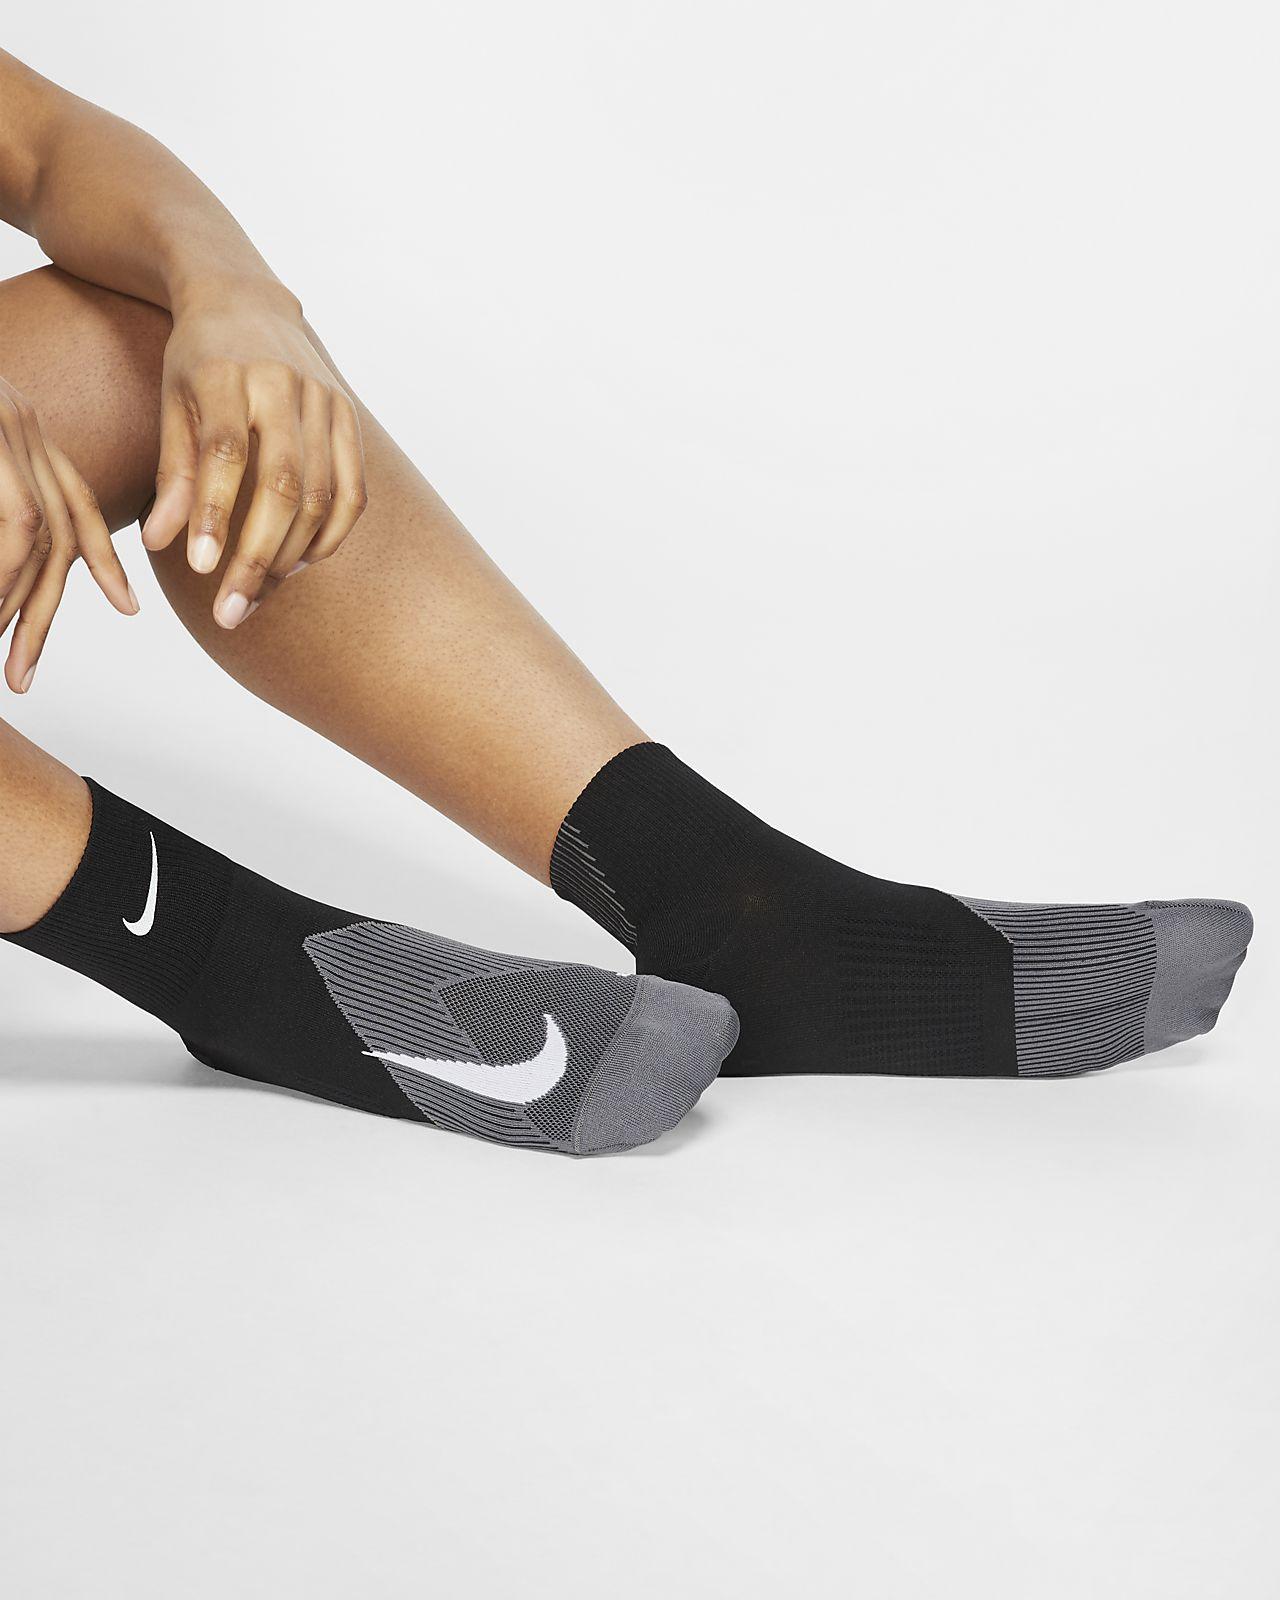 Chaussettes de running Nike Elite Lightweight Crew